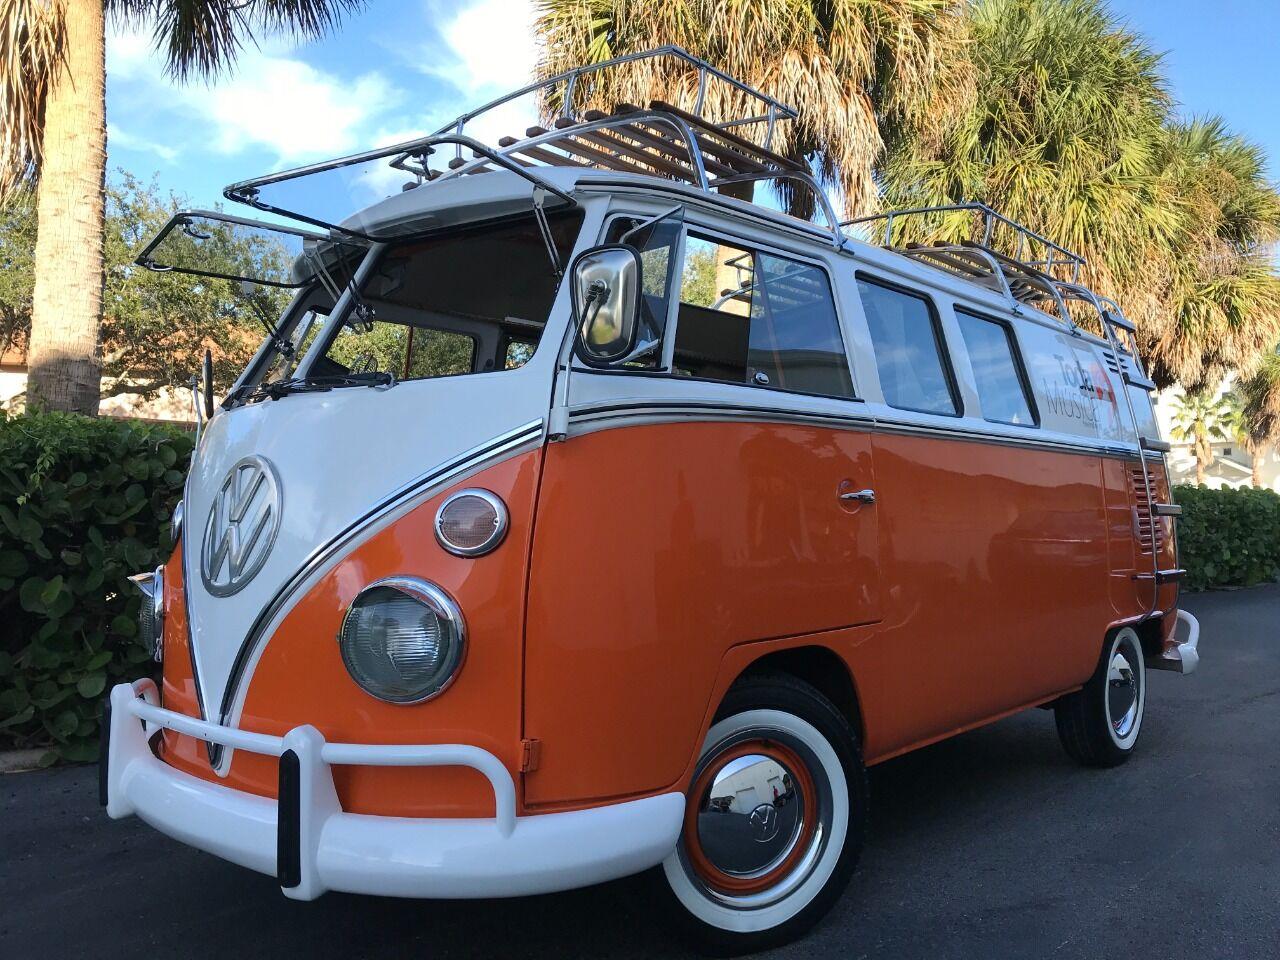 Used Volkswagen Vanagon For Sale Carsforsale Com